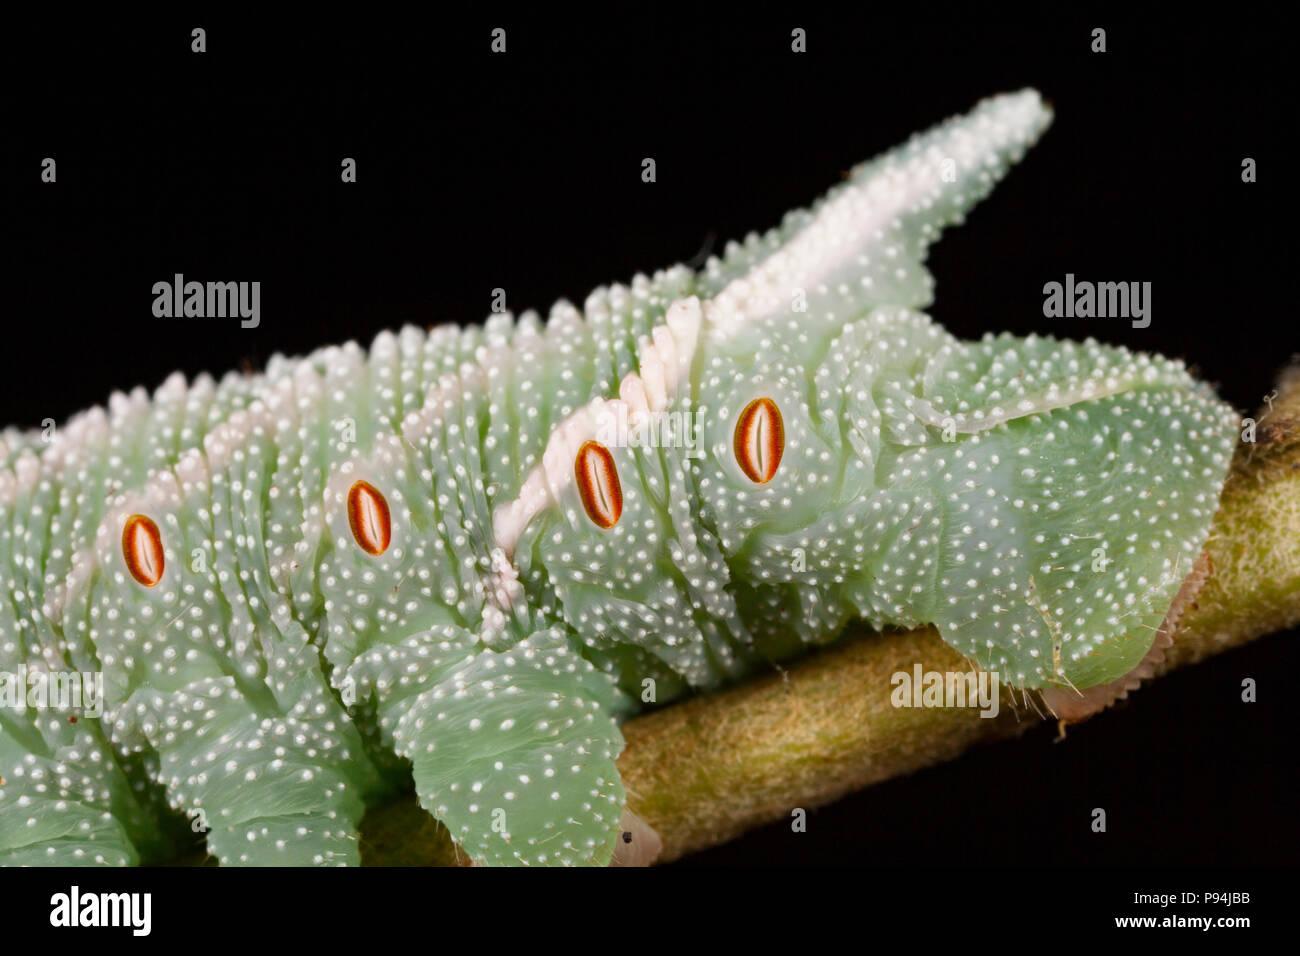 Imagen que muestra el extremo trasero de un eyed hawkmoth caterpillar, Smerinthus ocellata, fotografiado en un estudio en el norte de Dorset, Inglaterra GB. El óvalo, oh Foto de stock